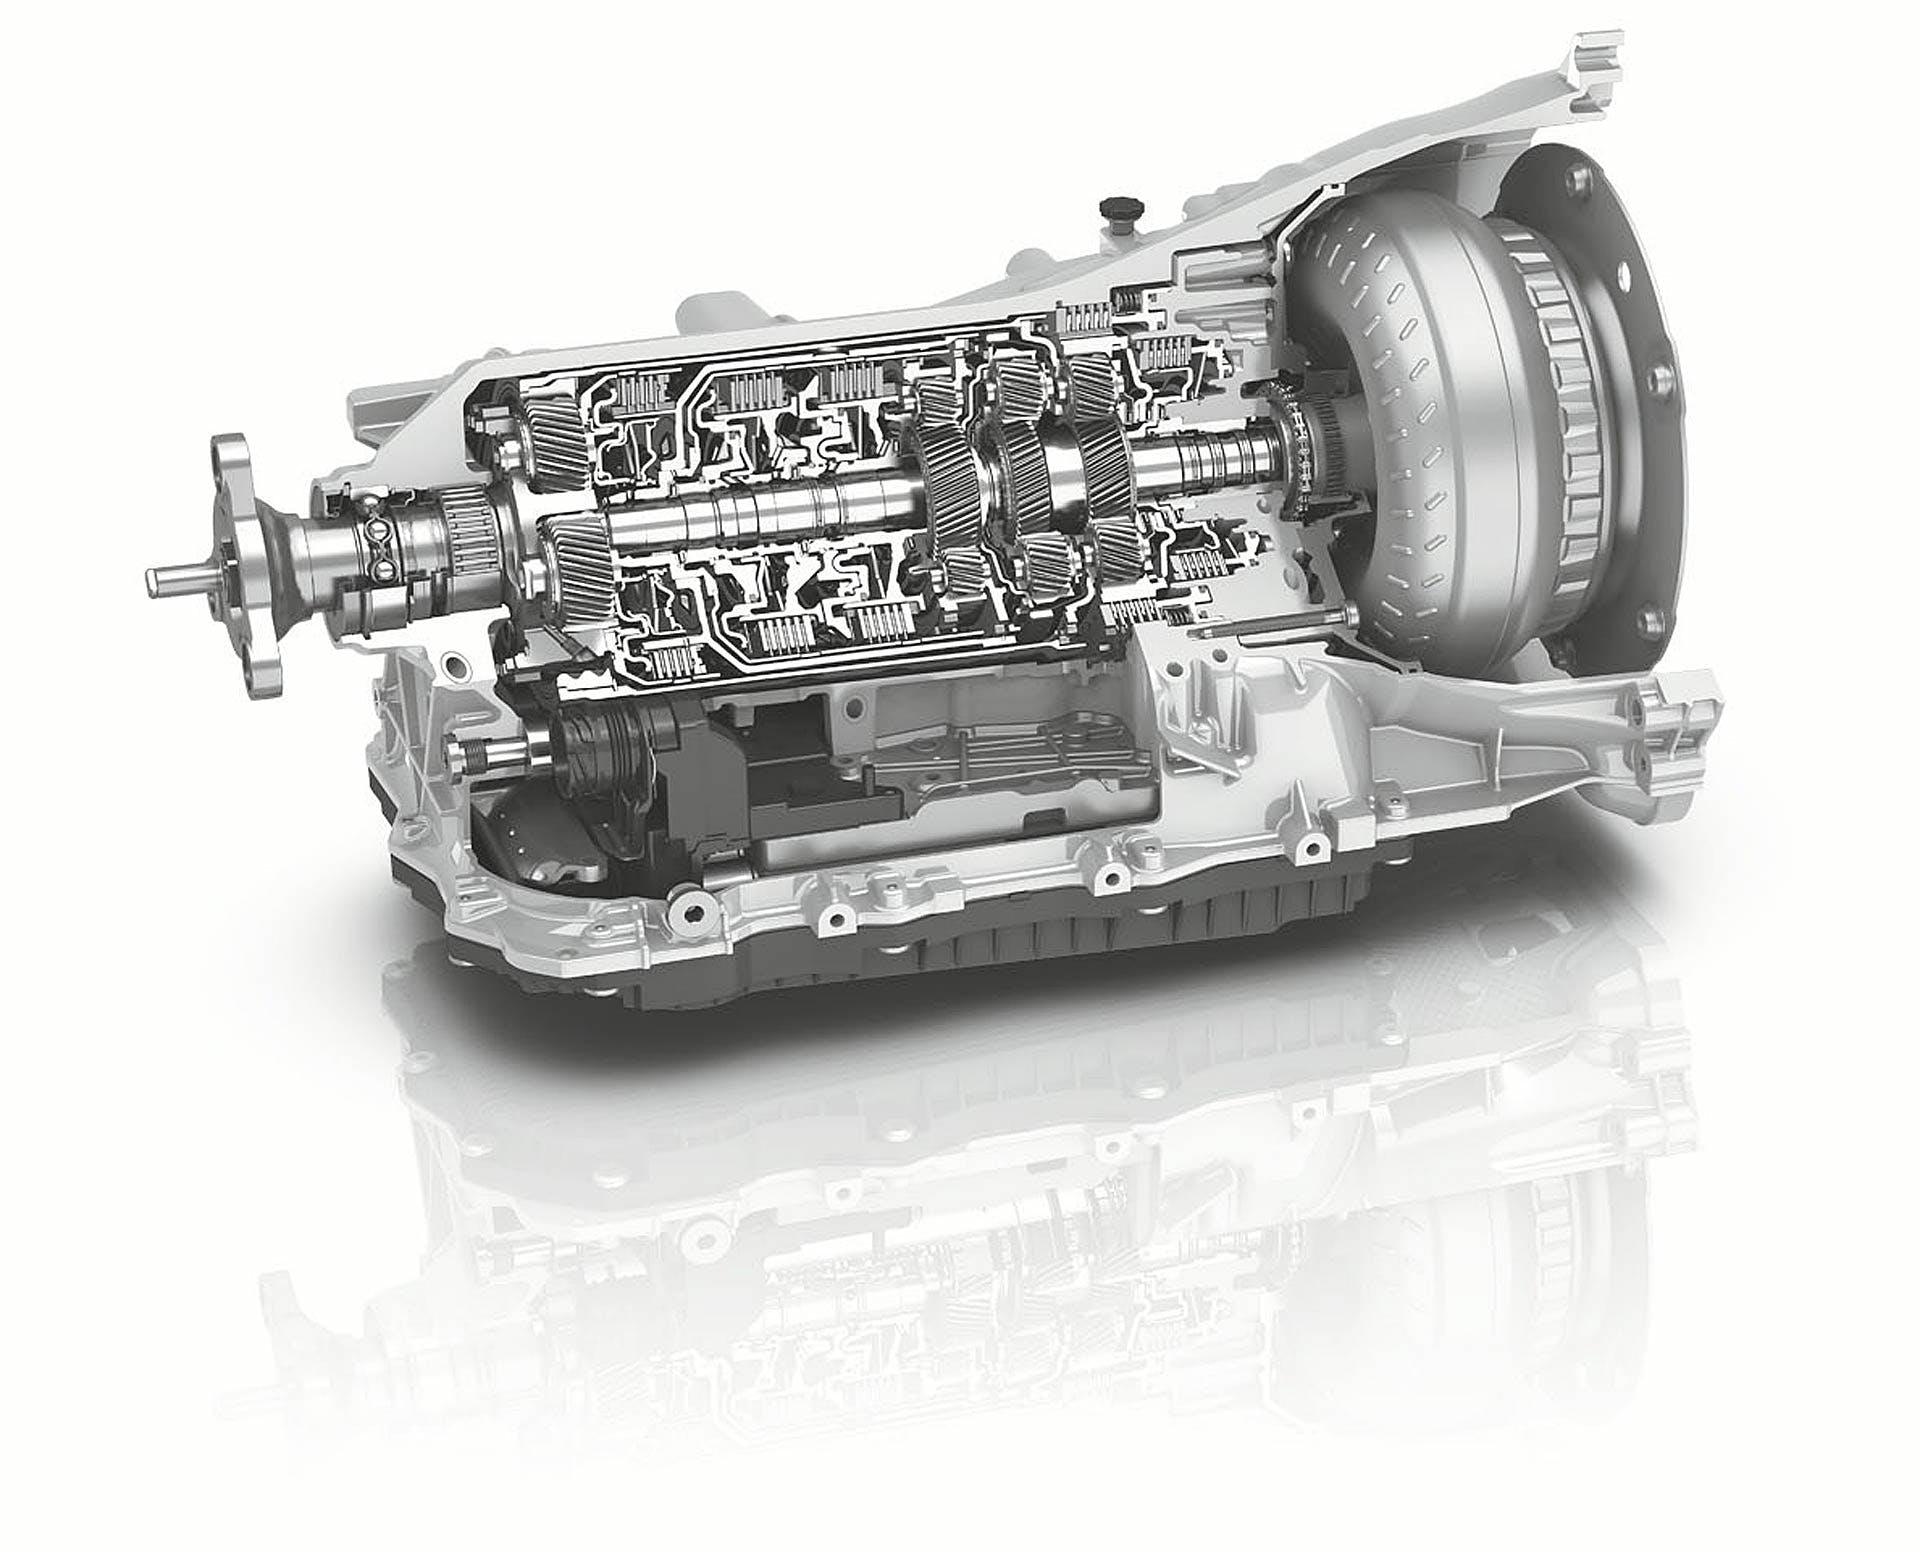 Cambio automatico a 8 rapporti ZF 8HP 50 seconda generazione della Alfa Romeo Stelvio